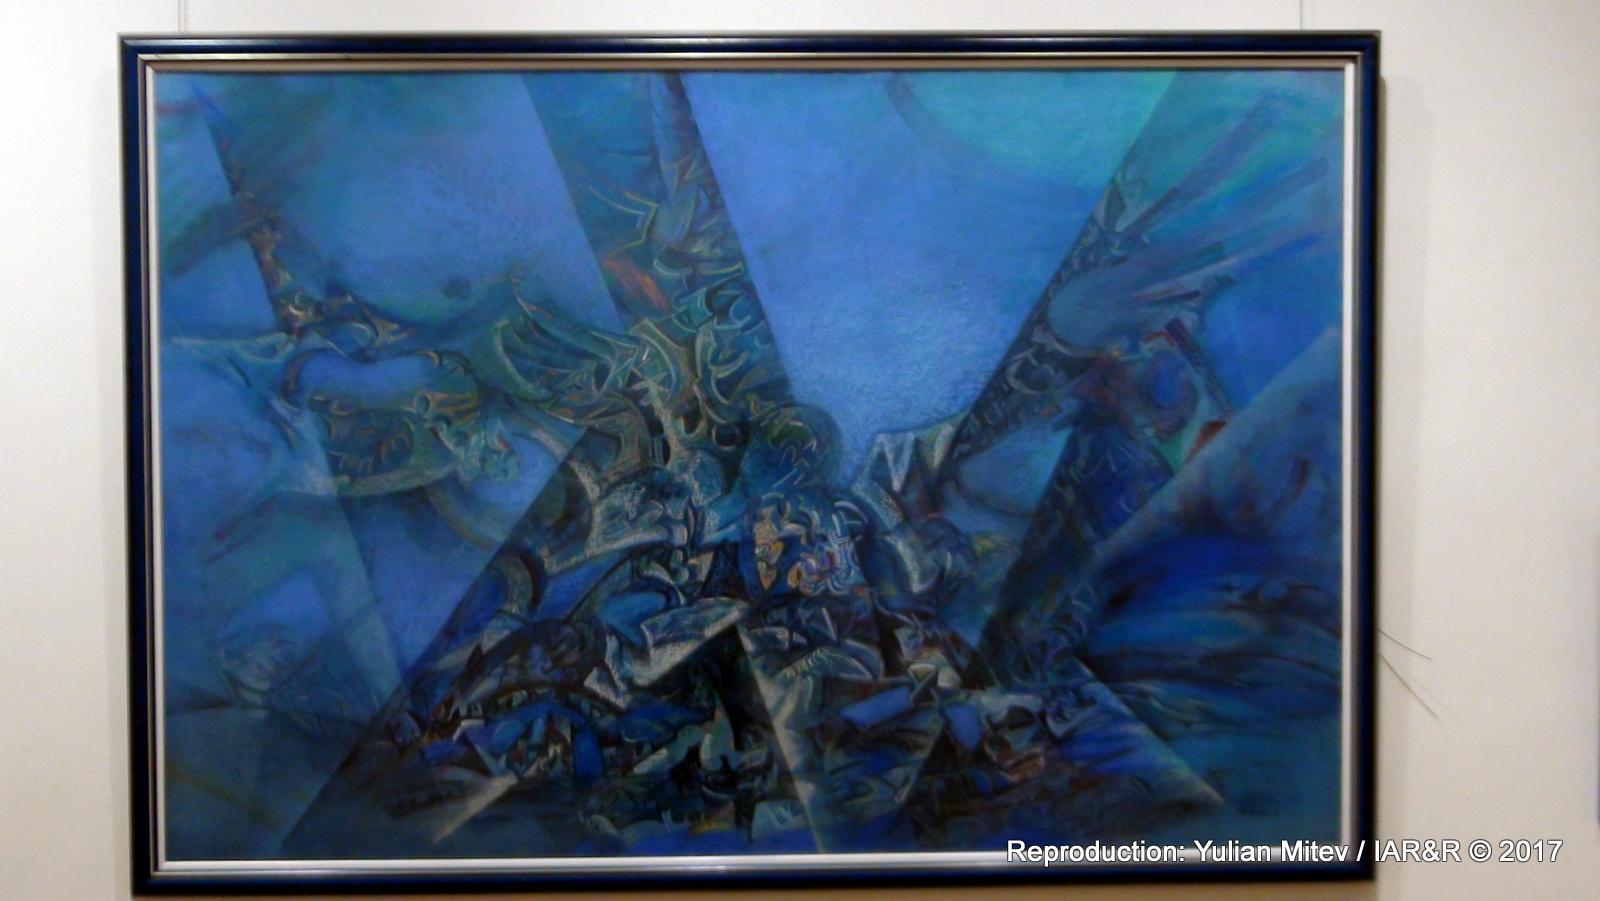 """НИКОЛА МАНЕВ, """"Подводно сияние"""", година на създаване – не е посочена, размери – не са посочени, провенанс – ателието на художника, естимейт 3 500 €"""